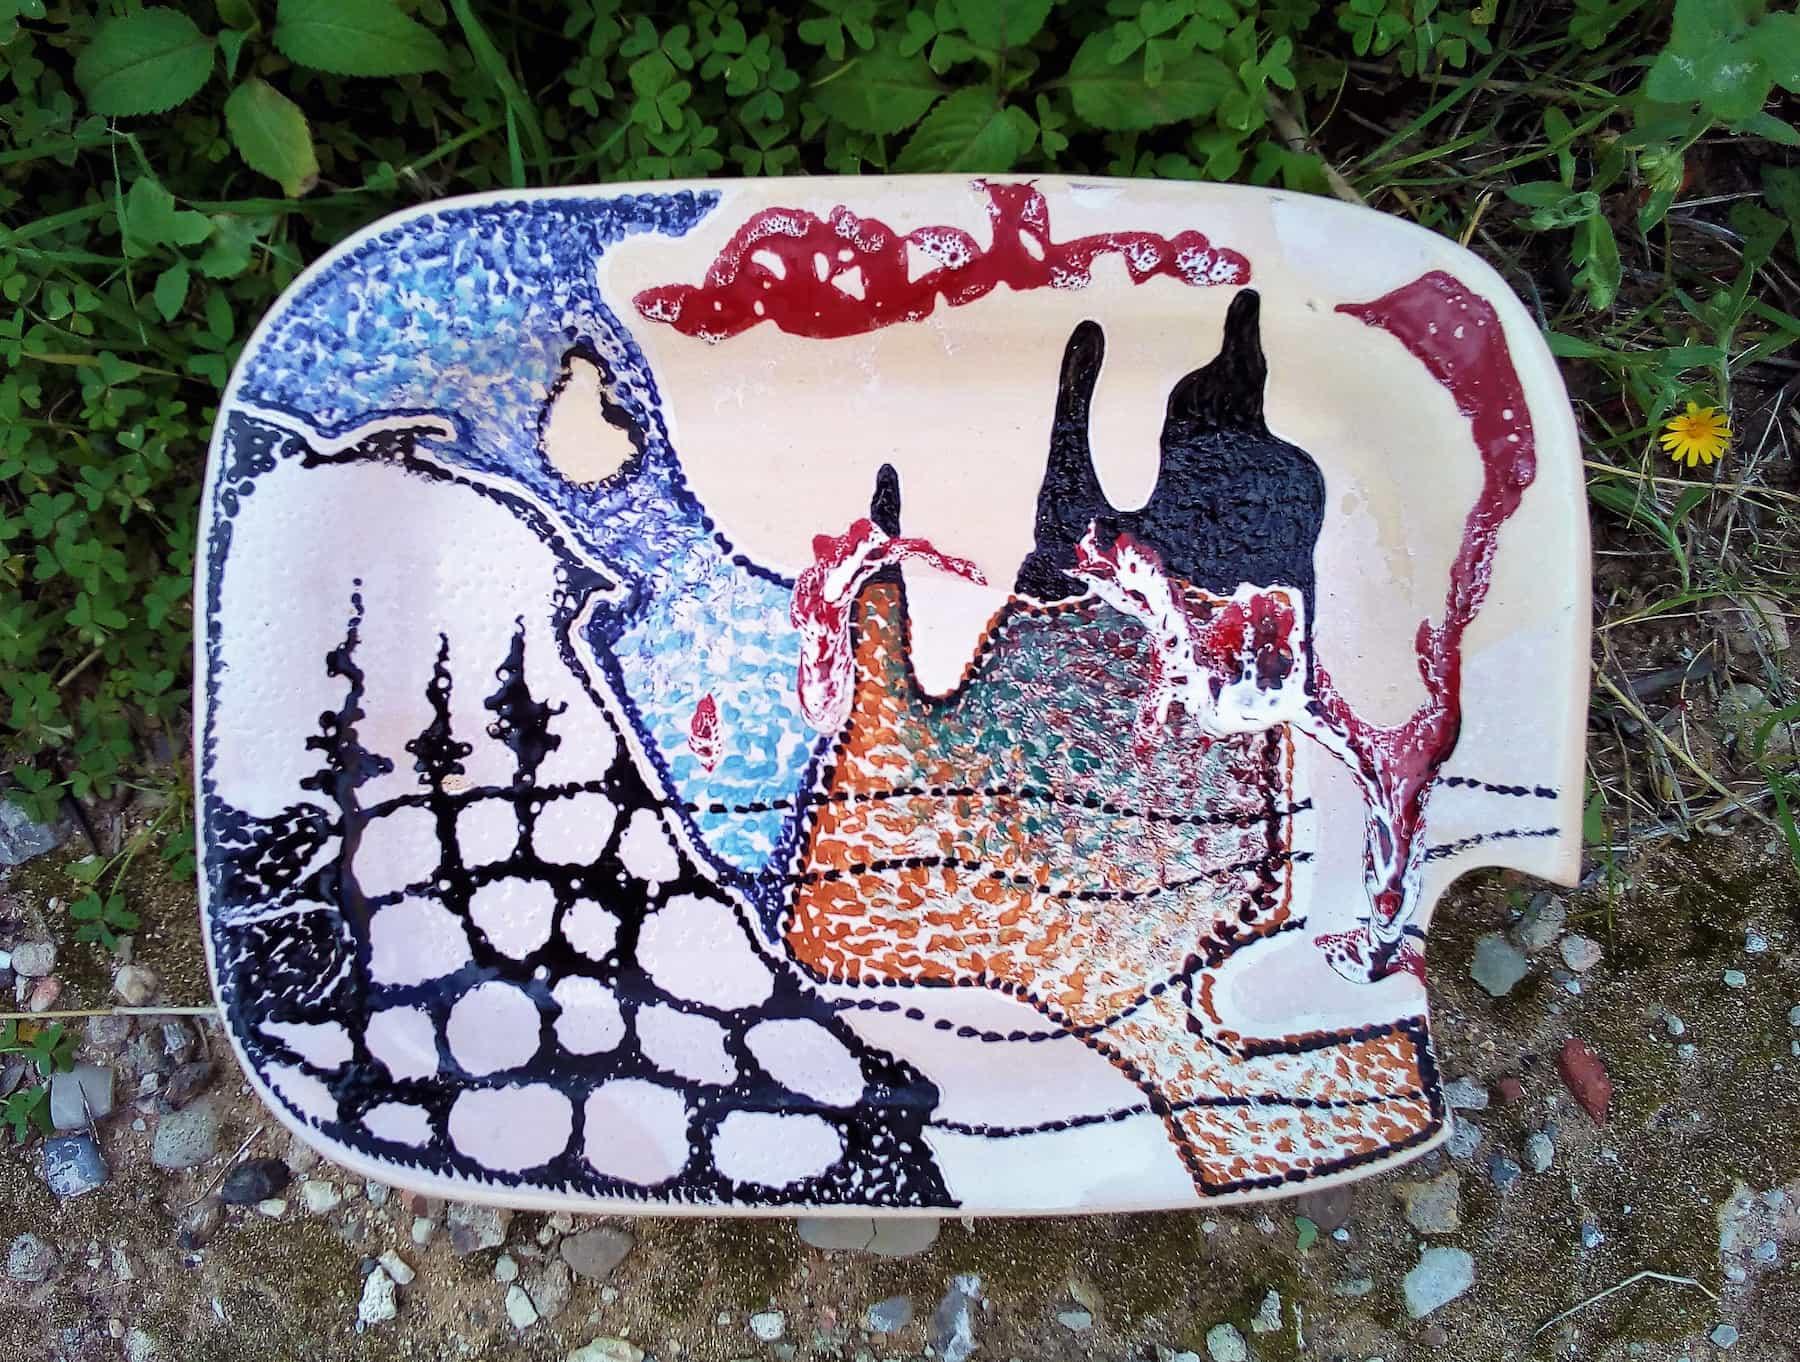 d22e011f845c0 frontpage - Scaffidi Ceramic Art Design